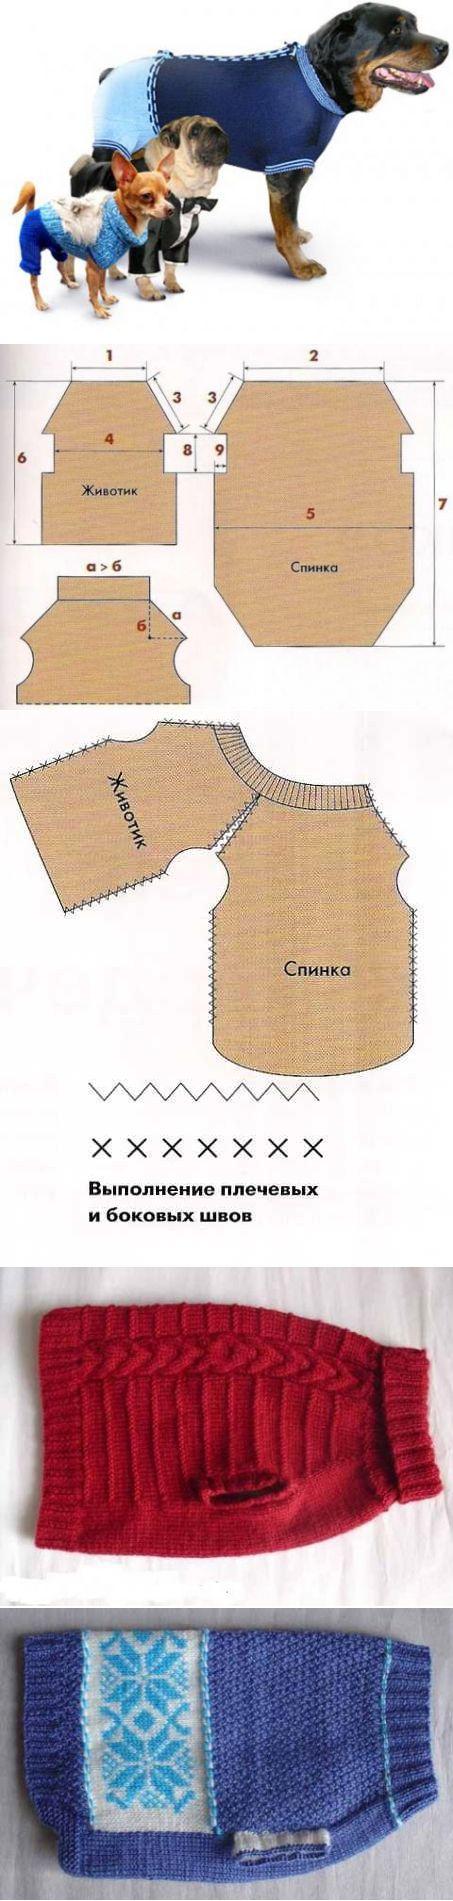 Вязаная одежда для собачек. (выкройки и схемы вязания) » Женский Мир cb11e019fb7